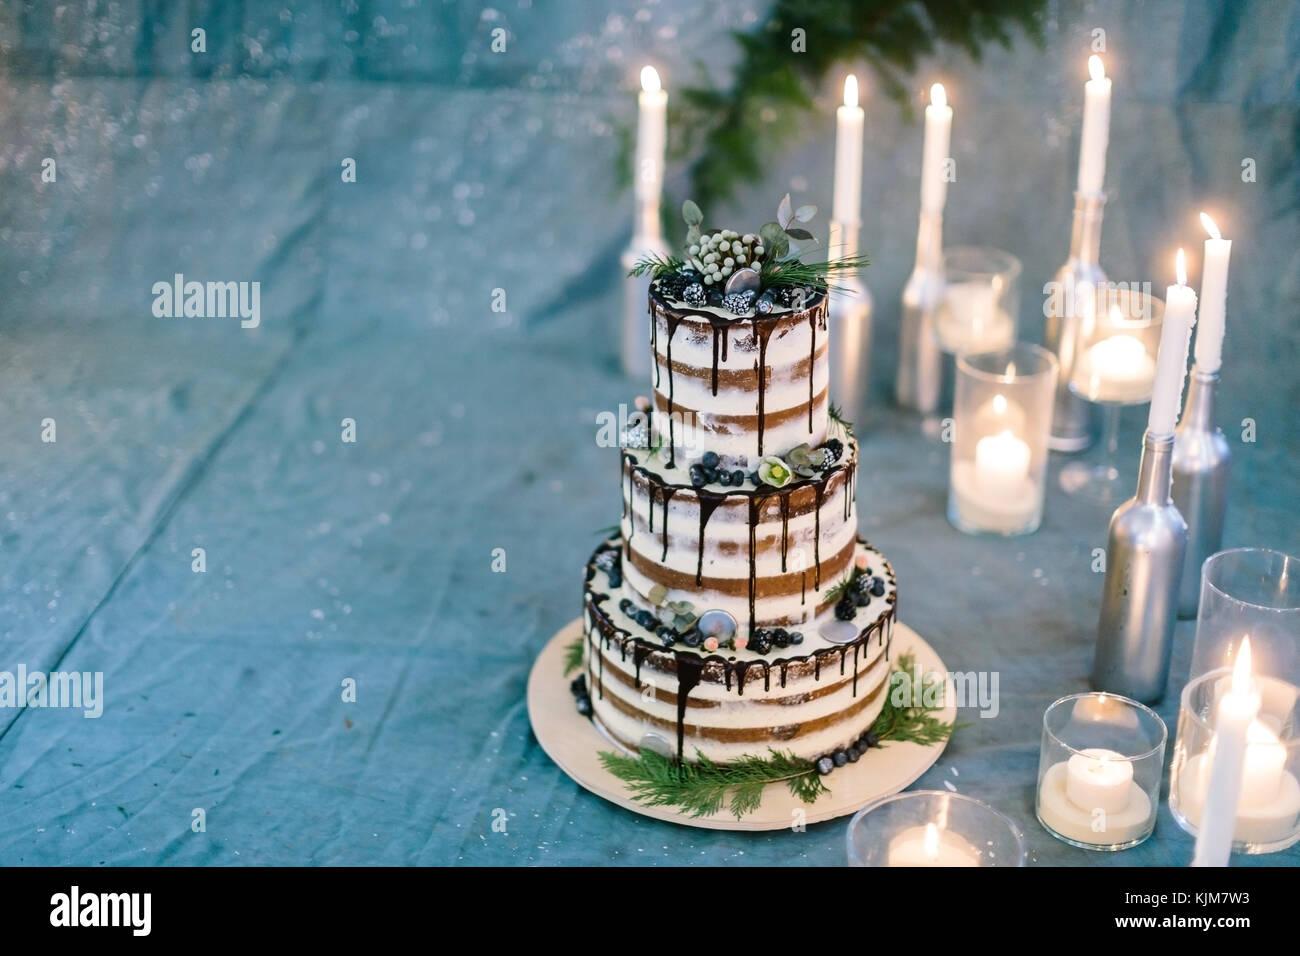 Dolciumi, dessert, il concetto di partito. meravigliosa torta composta da tre livelli, tutti accuratamente decorate Immagini Stock